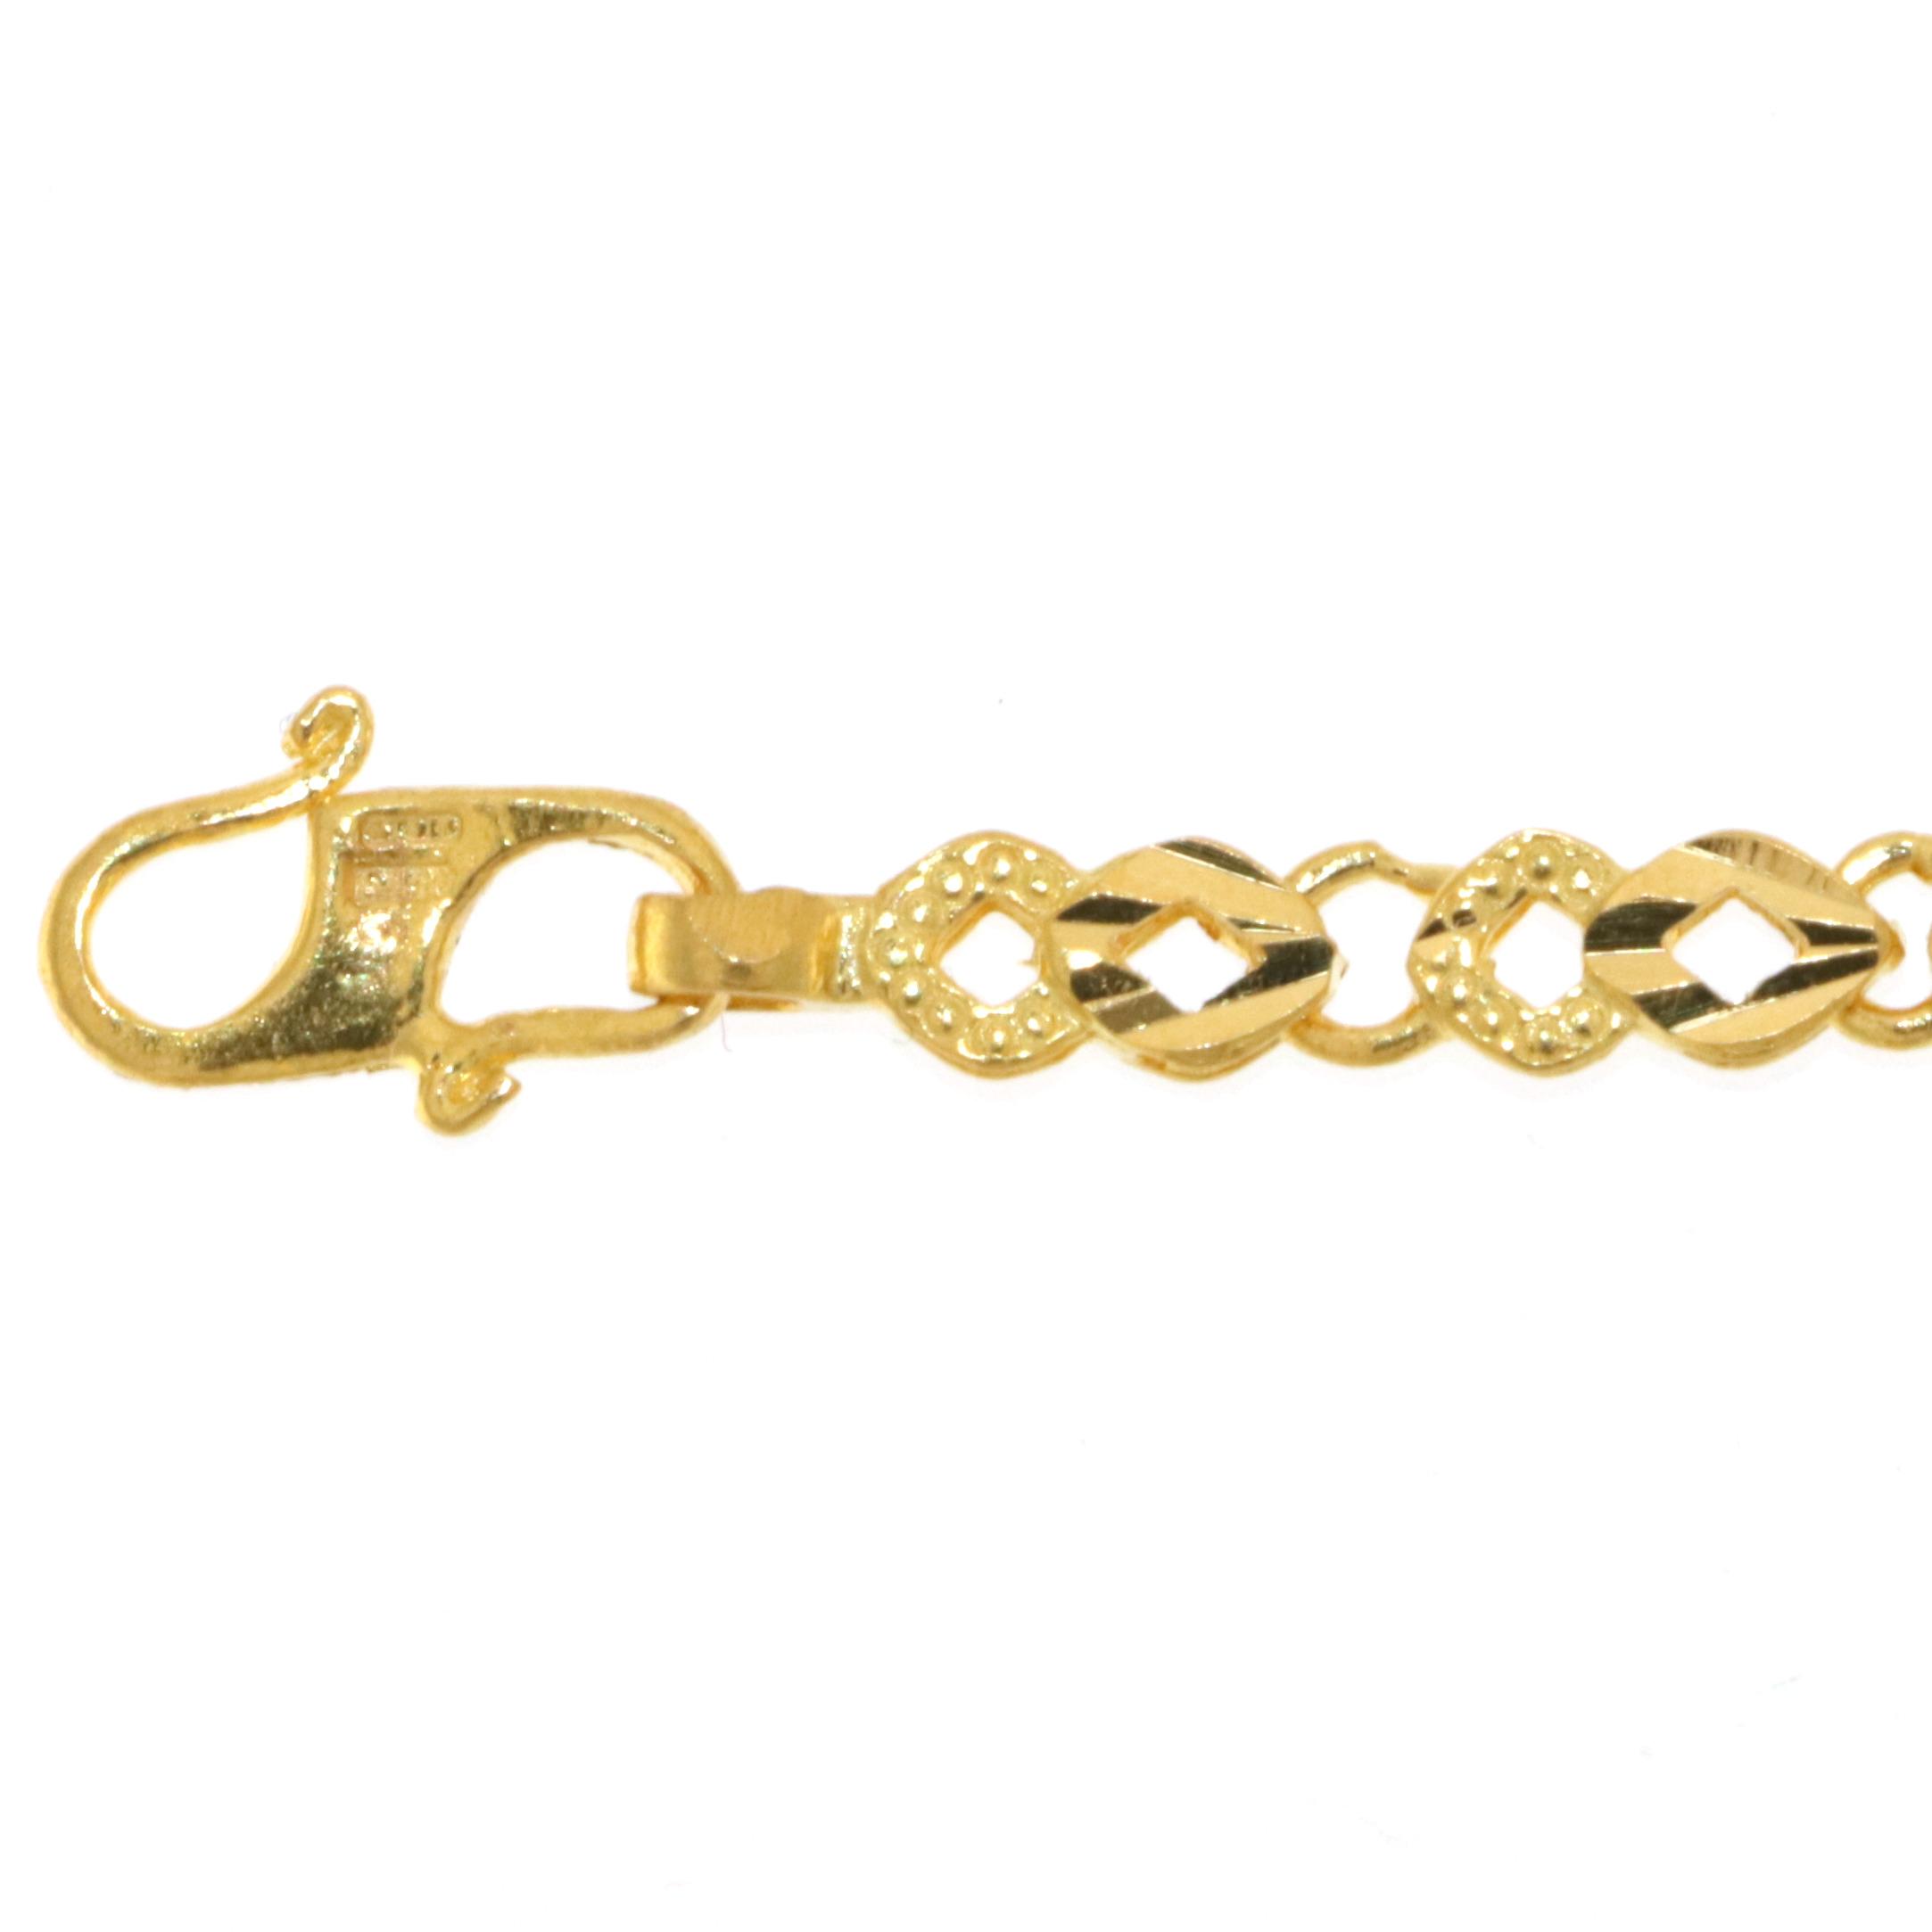 38542_Bracelet13-4Best.Jpg